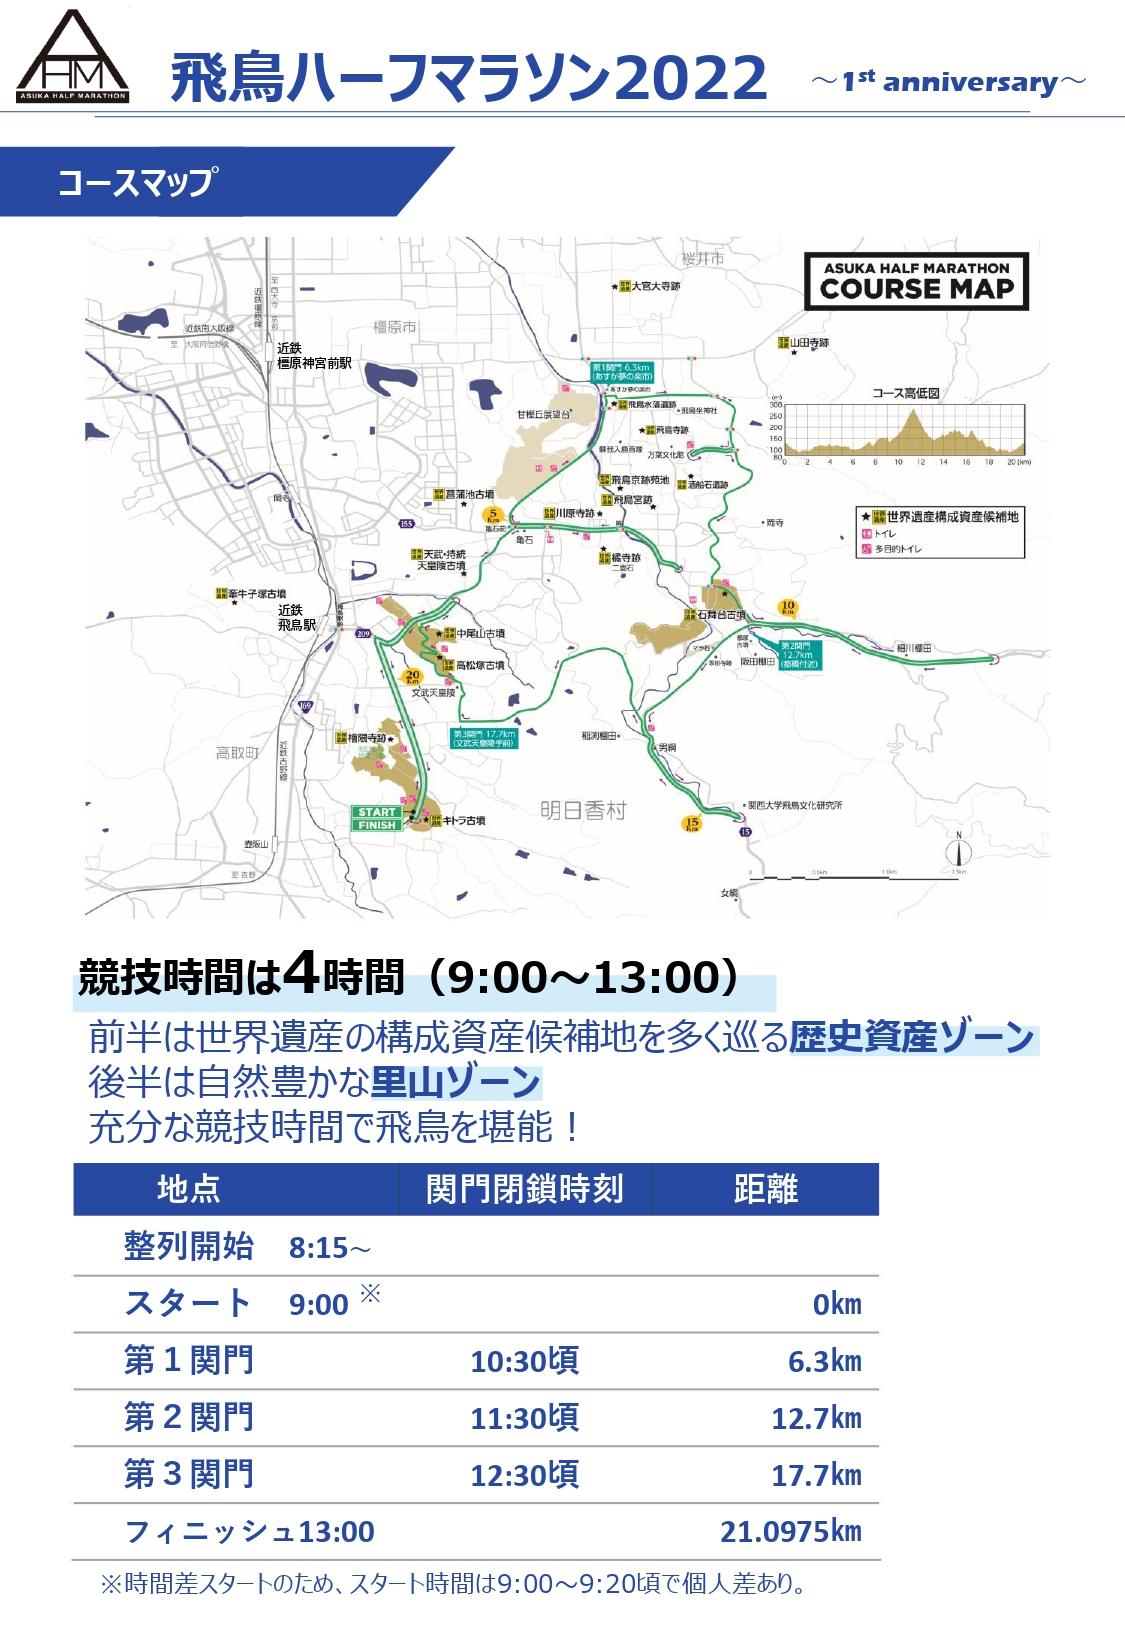 コースマップ・アクセス・宿泊